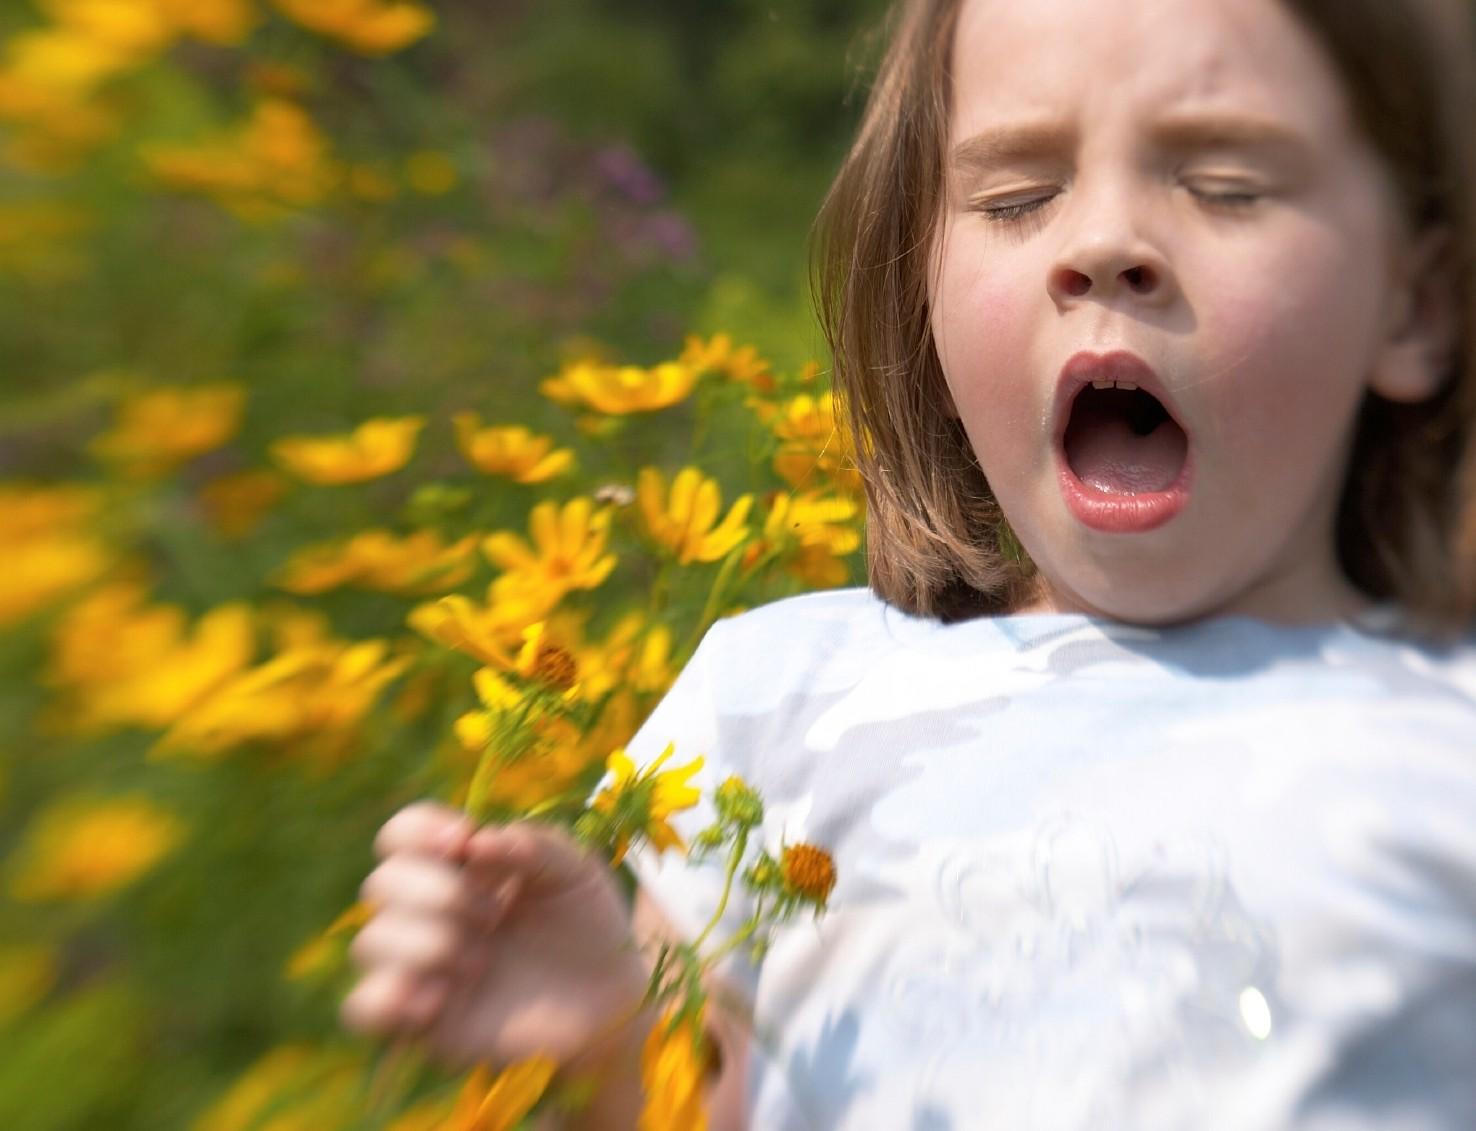 Ученые связали детскую аллергию с заболеваниями сердца